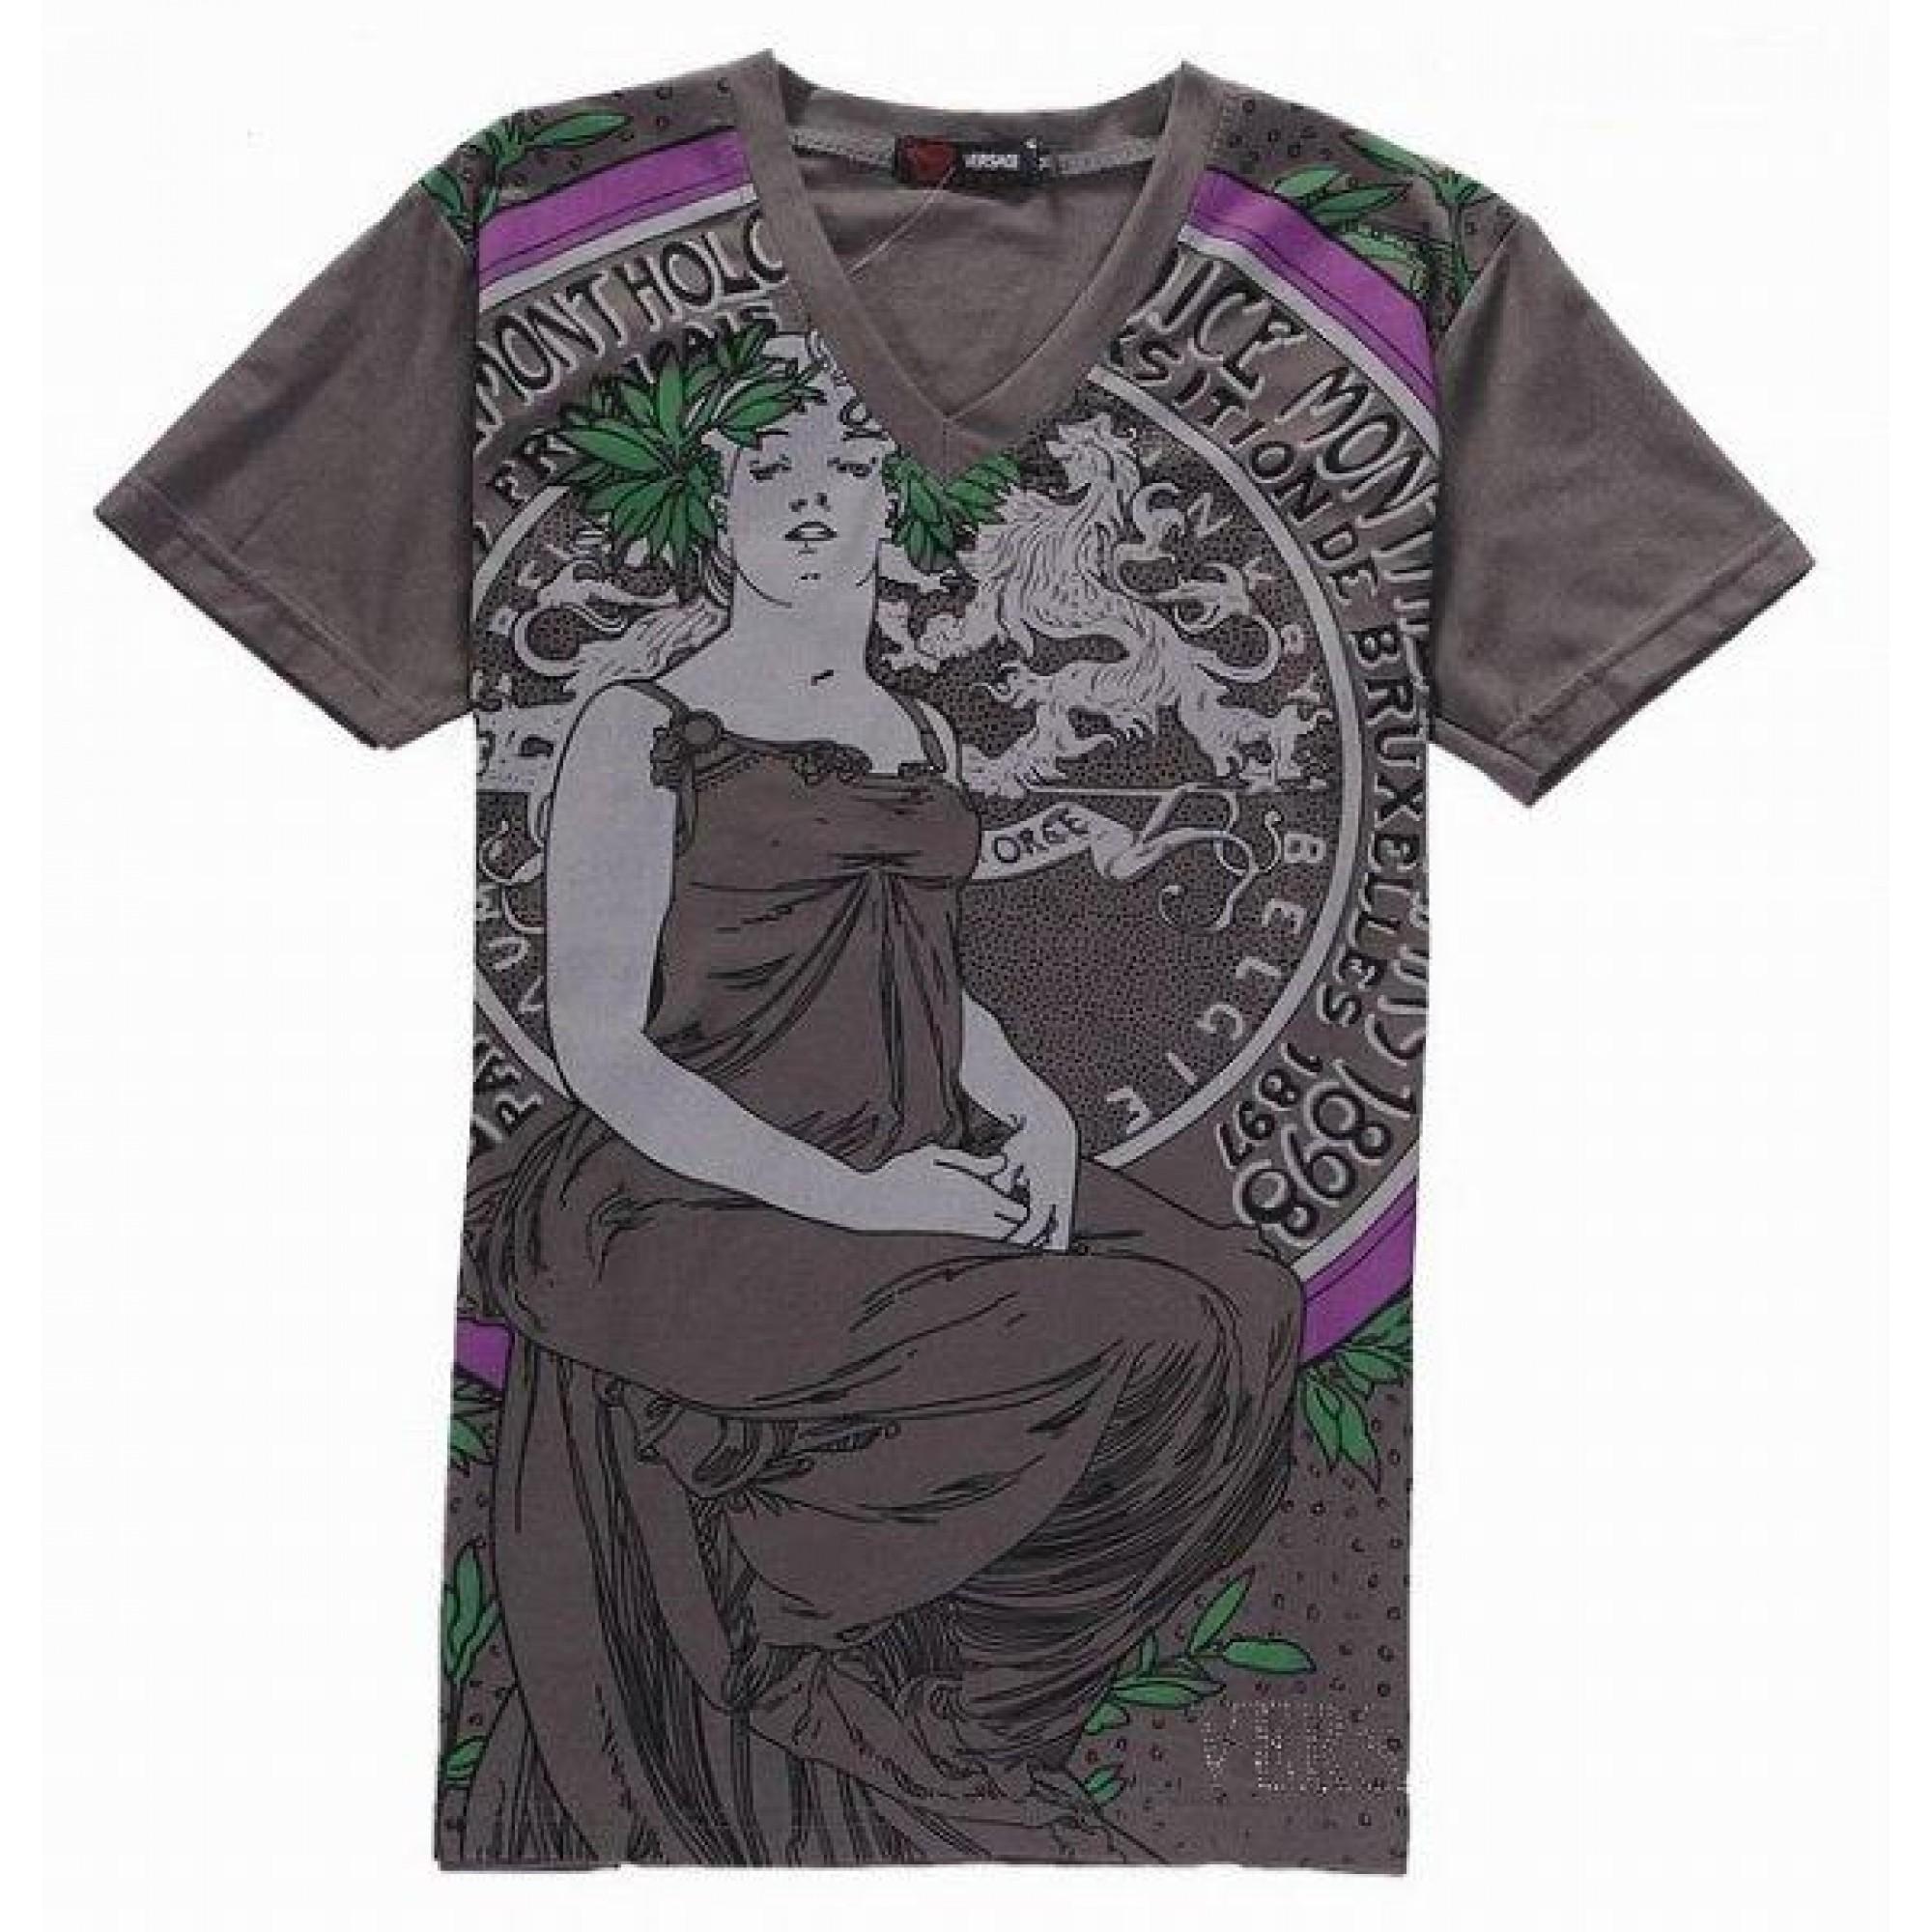 66985dca29861 Купить яркая футболка Versace — в Киеве, код товара 6722